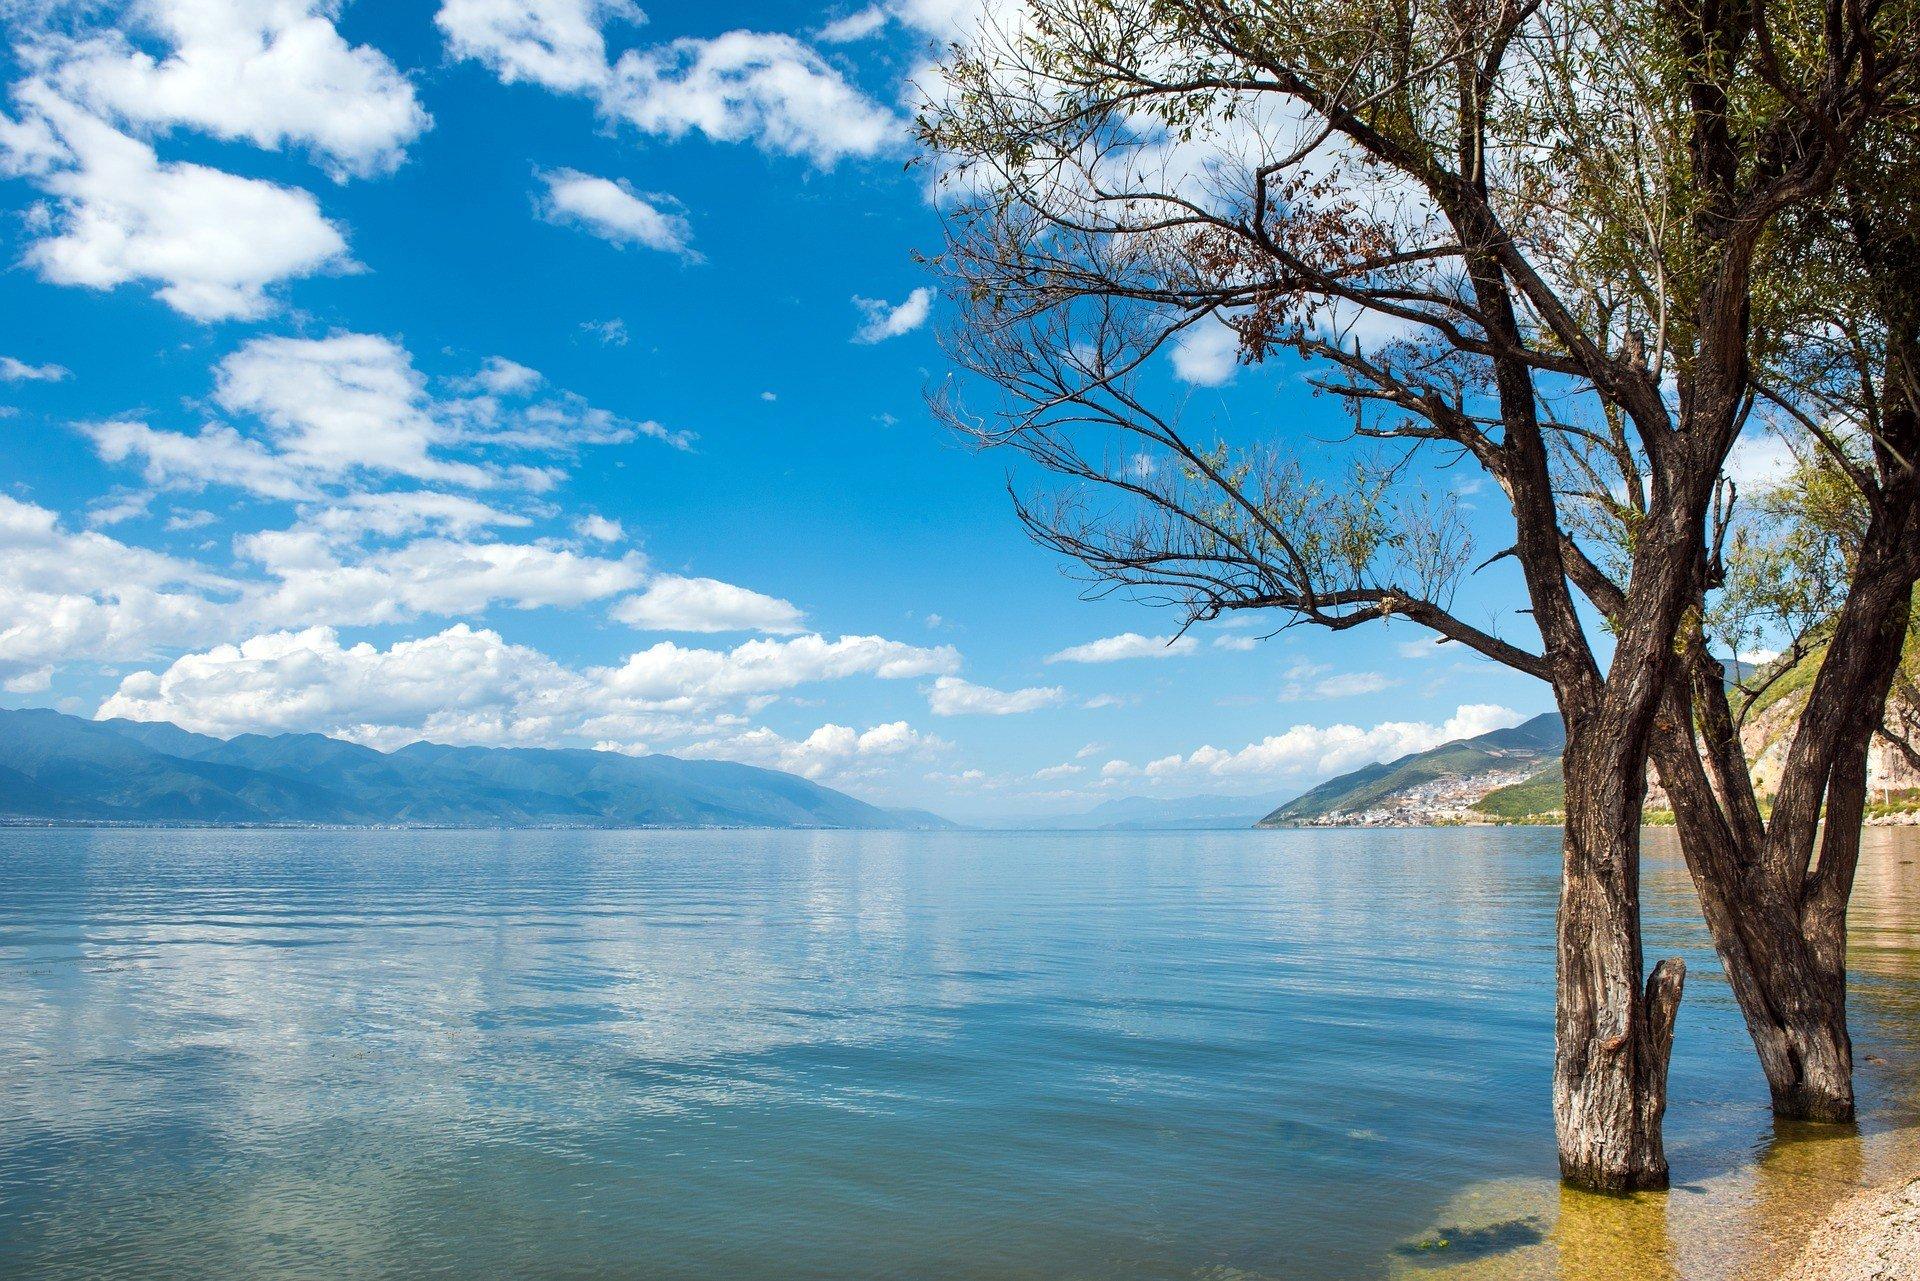 Erhai Lake in Dali, Yunnan Province